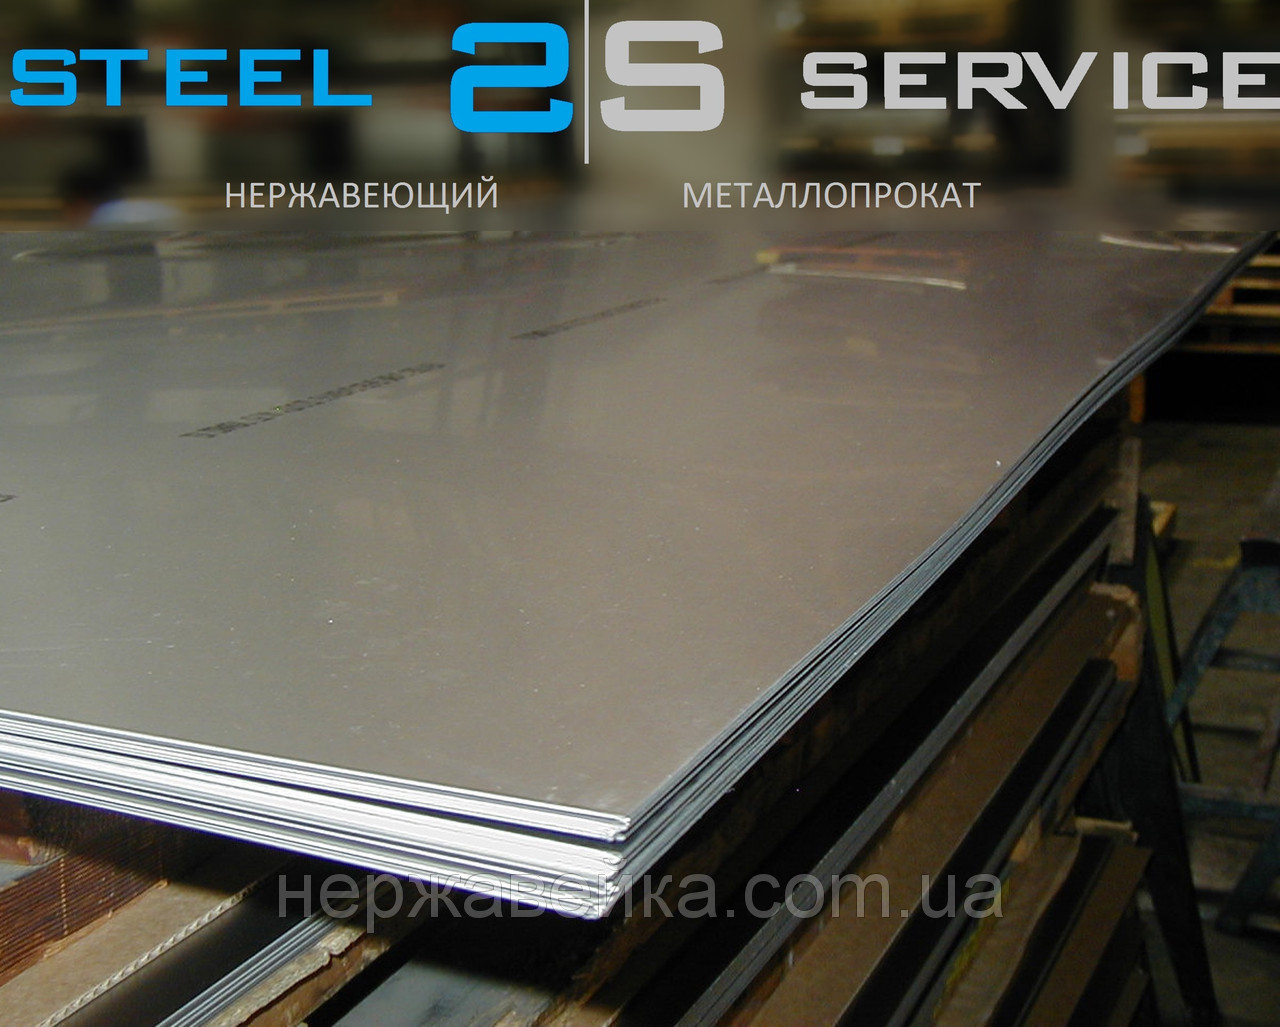 Нержавейка лист 70х1500х3000мм  AISI 321(08Х18Н10Т) F1 - горячекатанный, пищевой